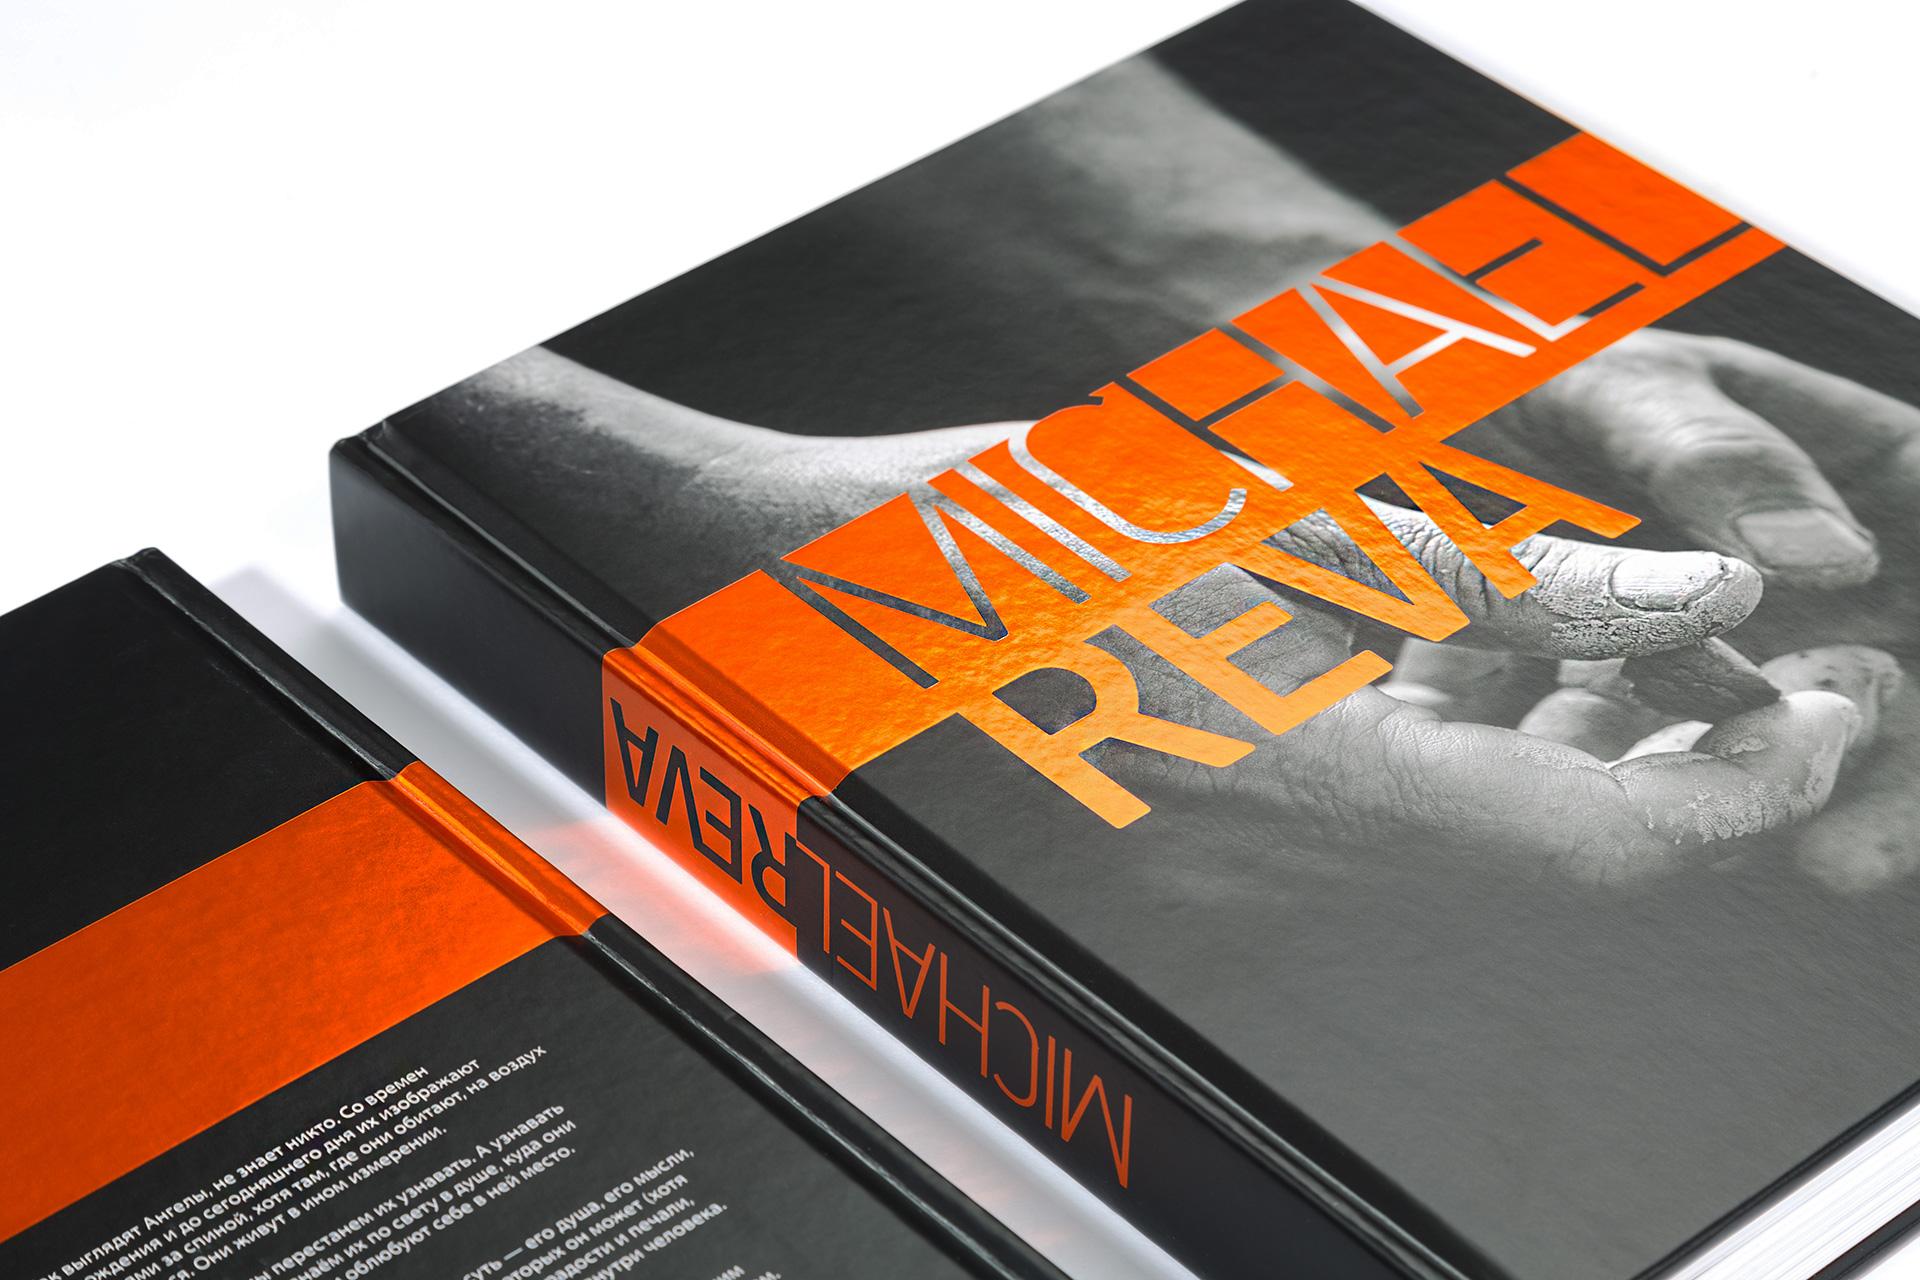 Asgard Branding, художественный альбом, дизайн, печать, печатные издания, дизайн книги, скульптор, Михаил Рева